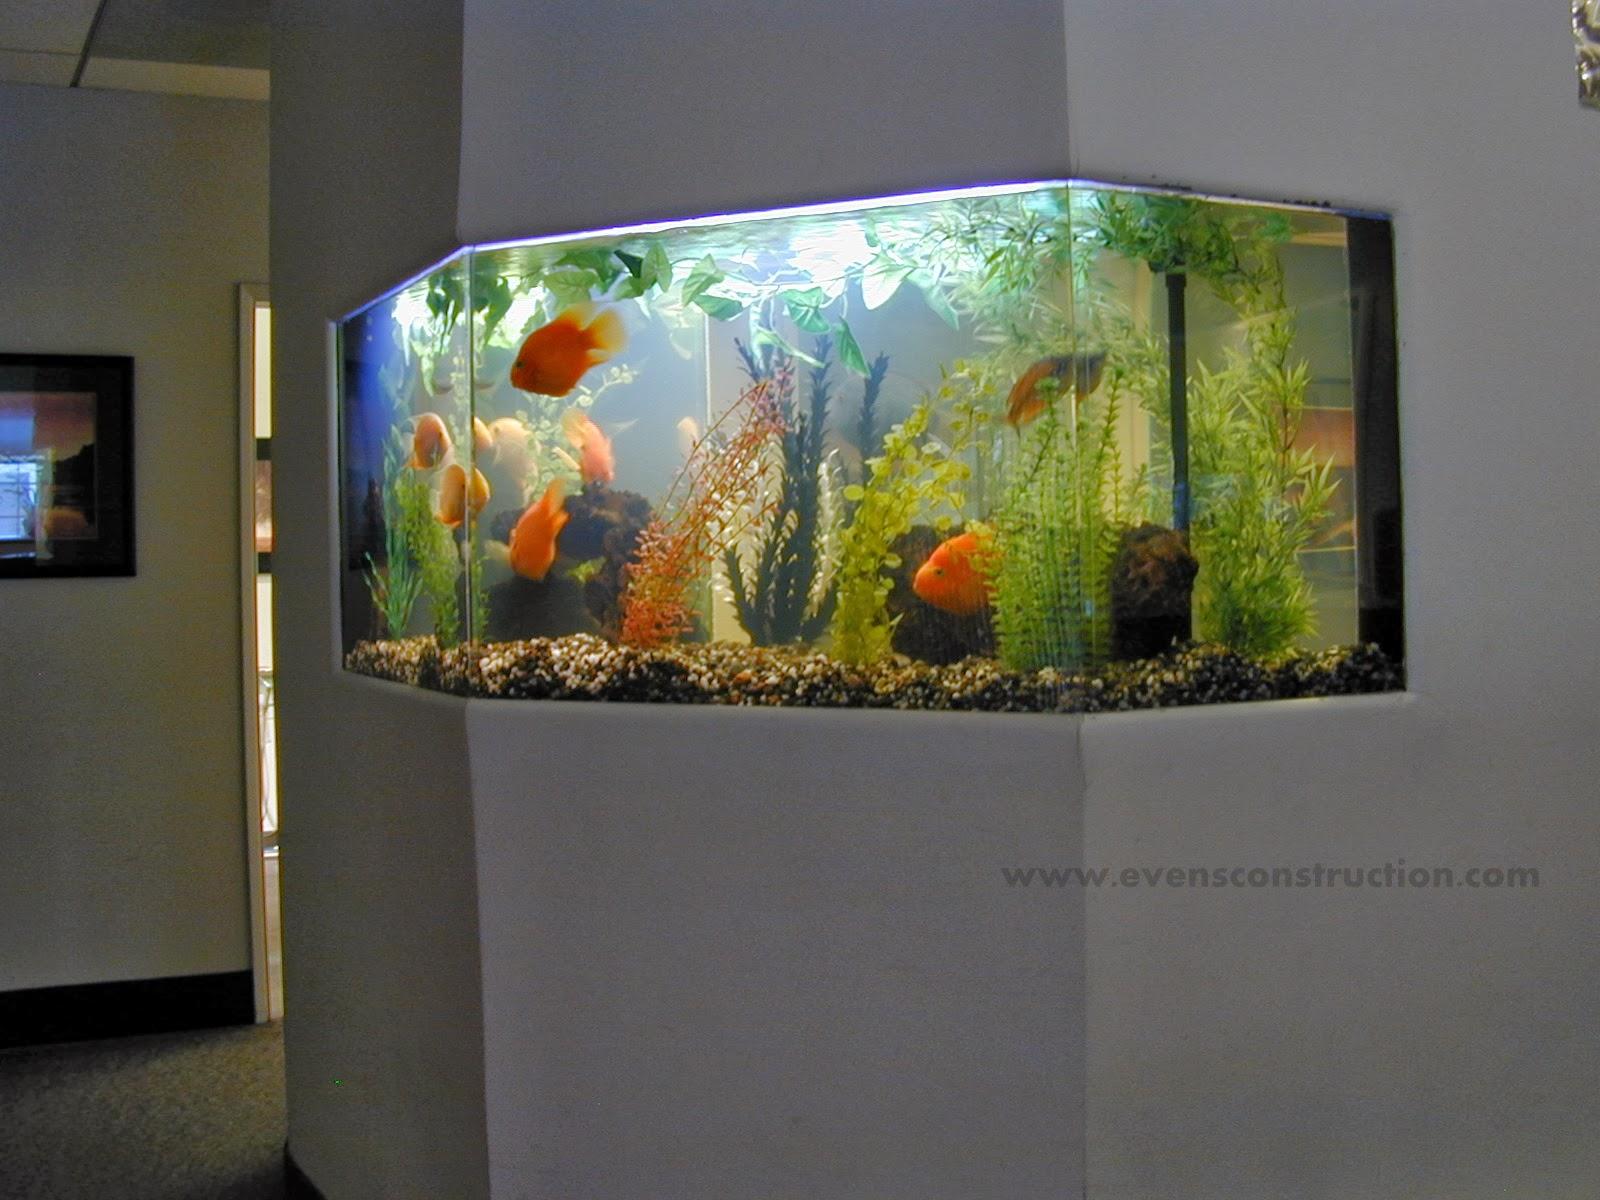 ... -gallon-freshwater-fish-tank-aquarium-design-marine-aquariums-and.jpg